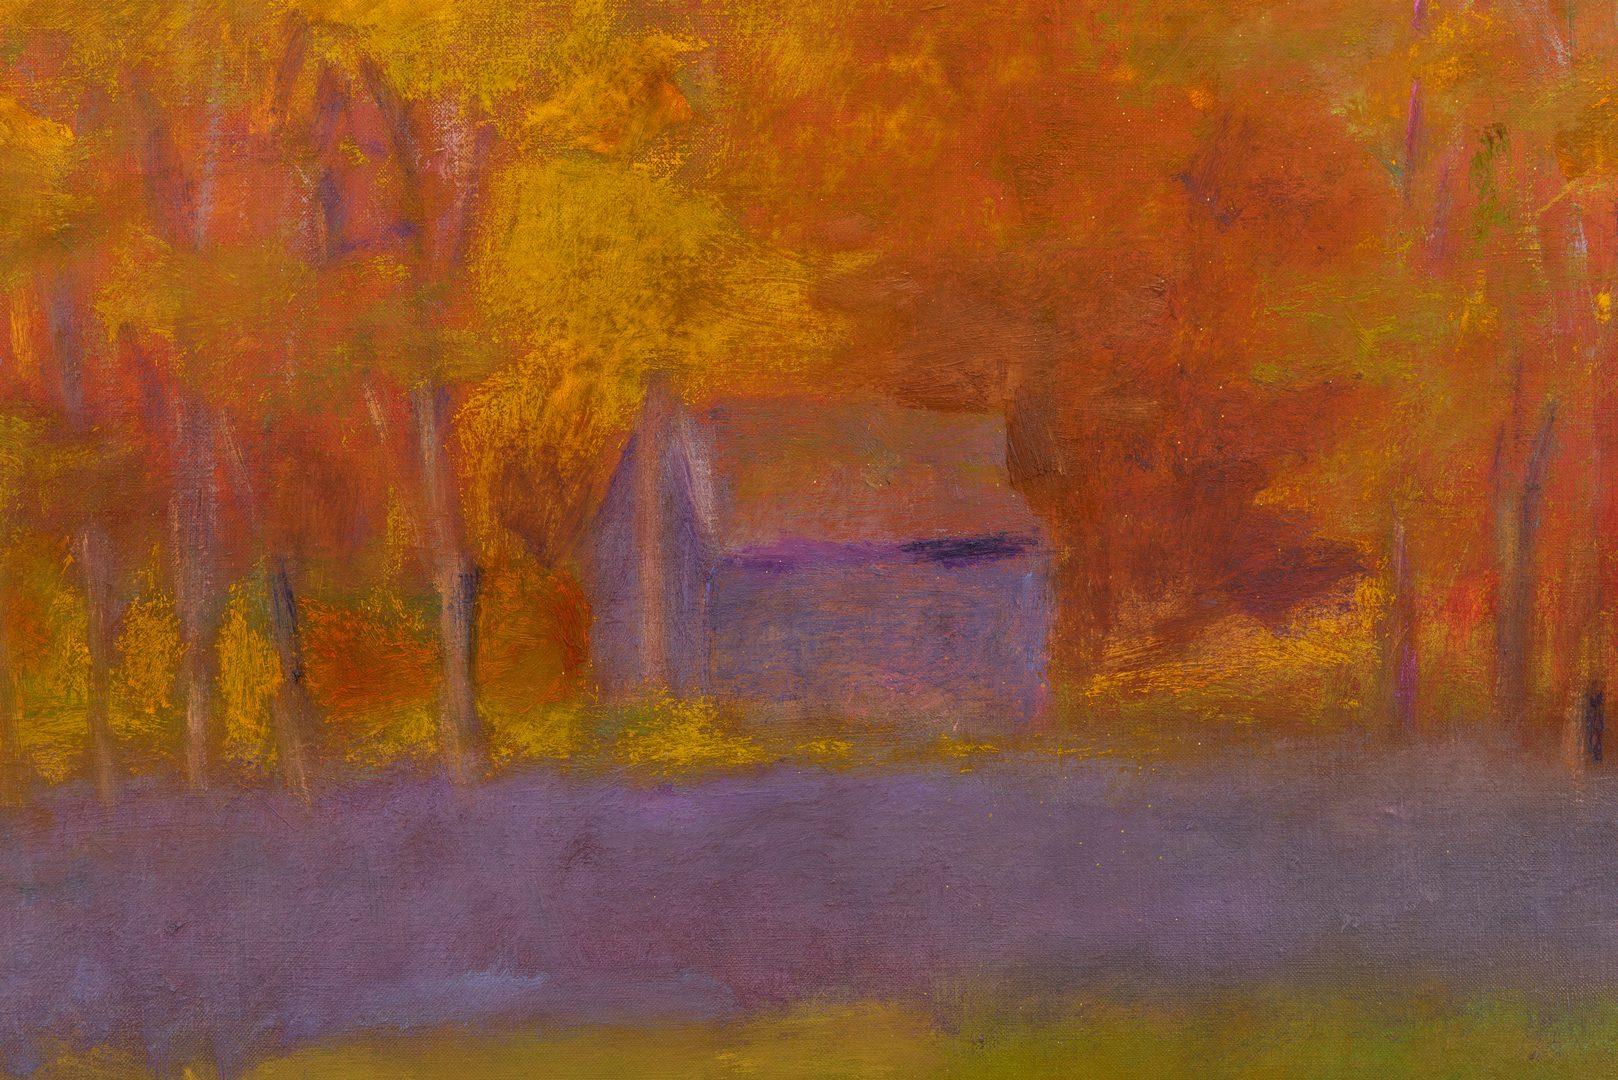 Lot 523: Wolf Kahn Oil on Canvas Landscape, Glow on the Ridge